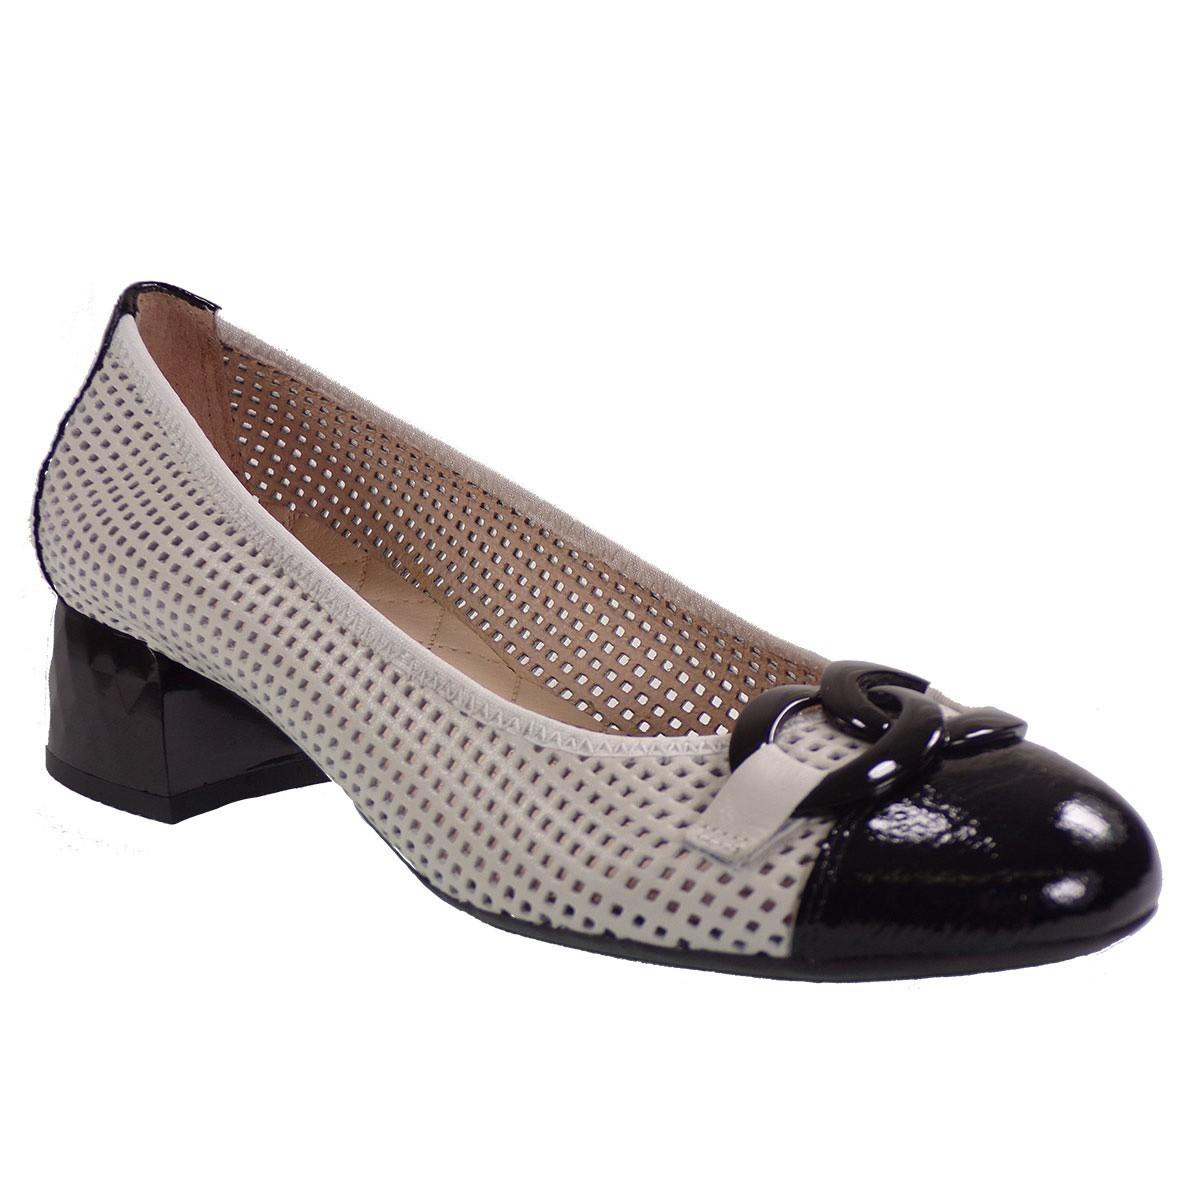 Hispanitas Γυναικεία Παπούτσια Γόβα HV98799 Πάγου Δέρμα